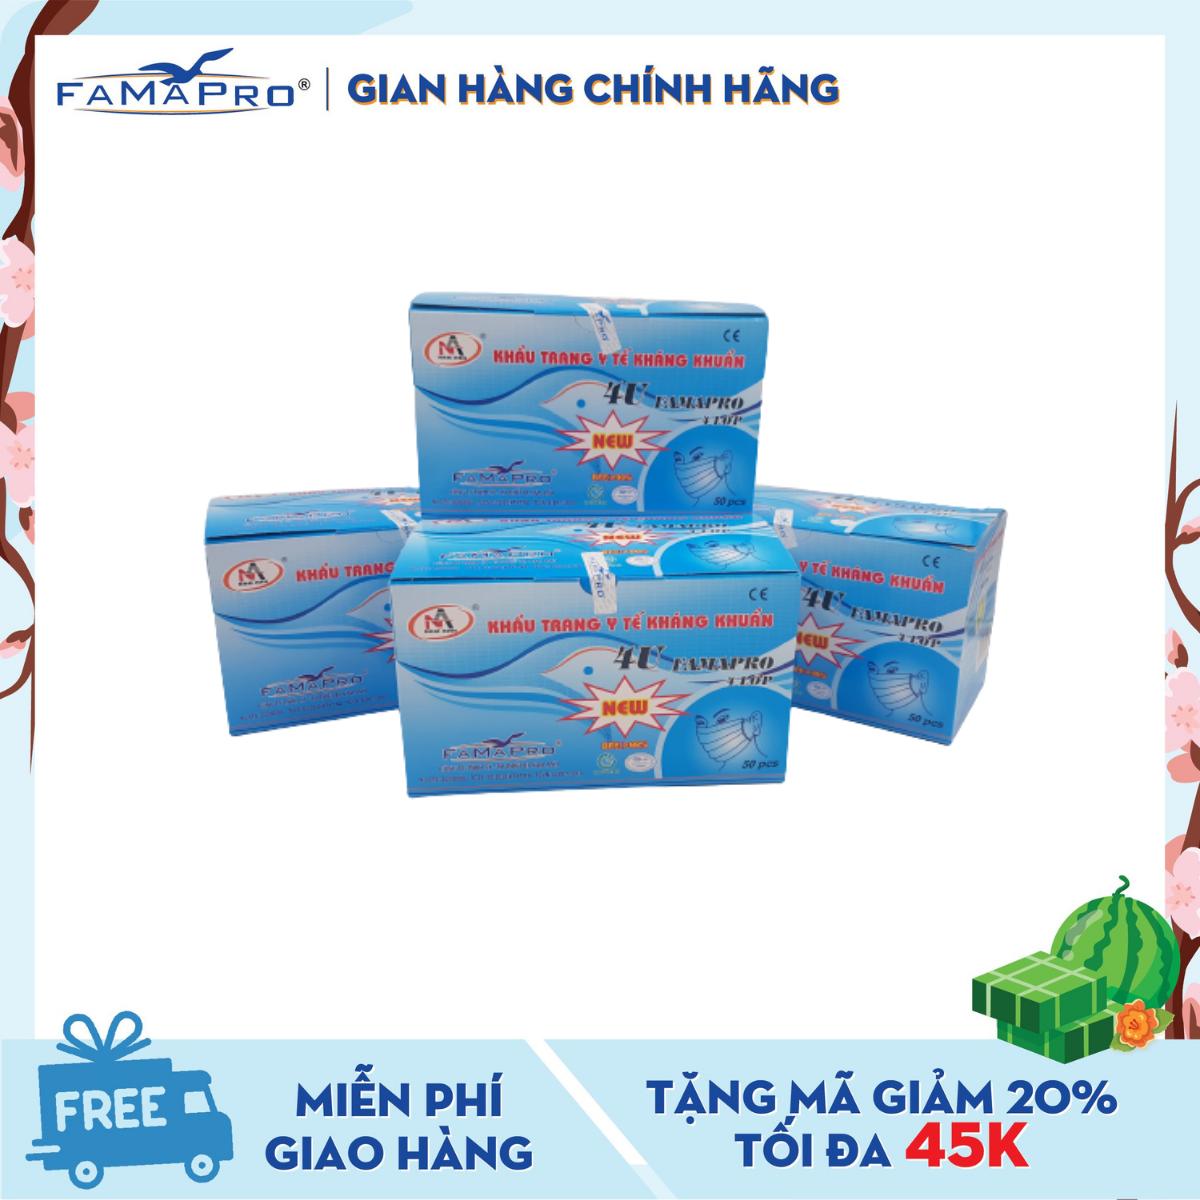 Combo 4 hộp khẩu trang y tế 4 lớp kháng khuẩn Famapro 4U (50 cái / Hộp)